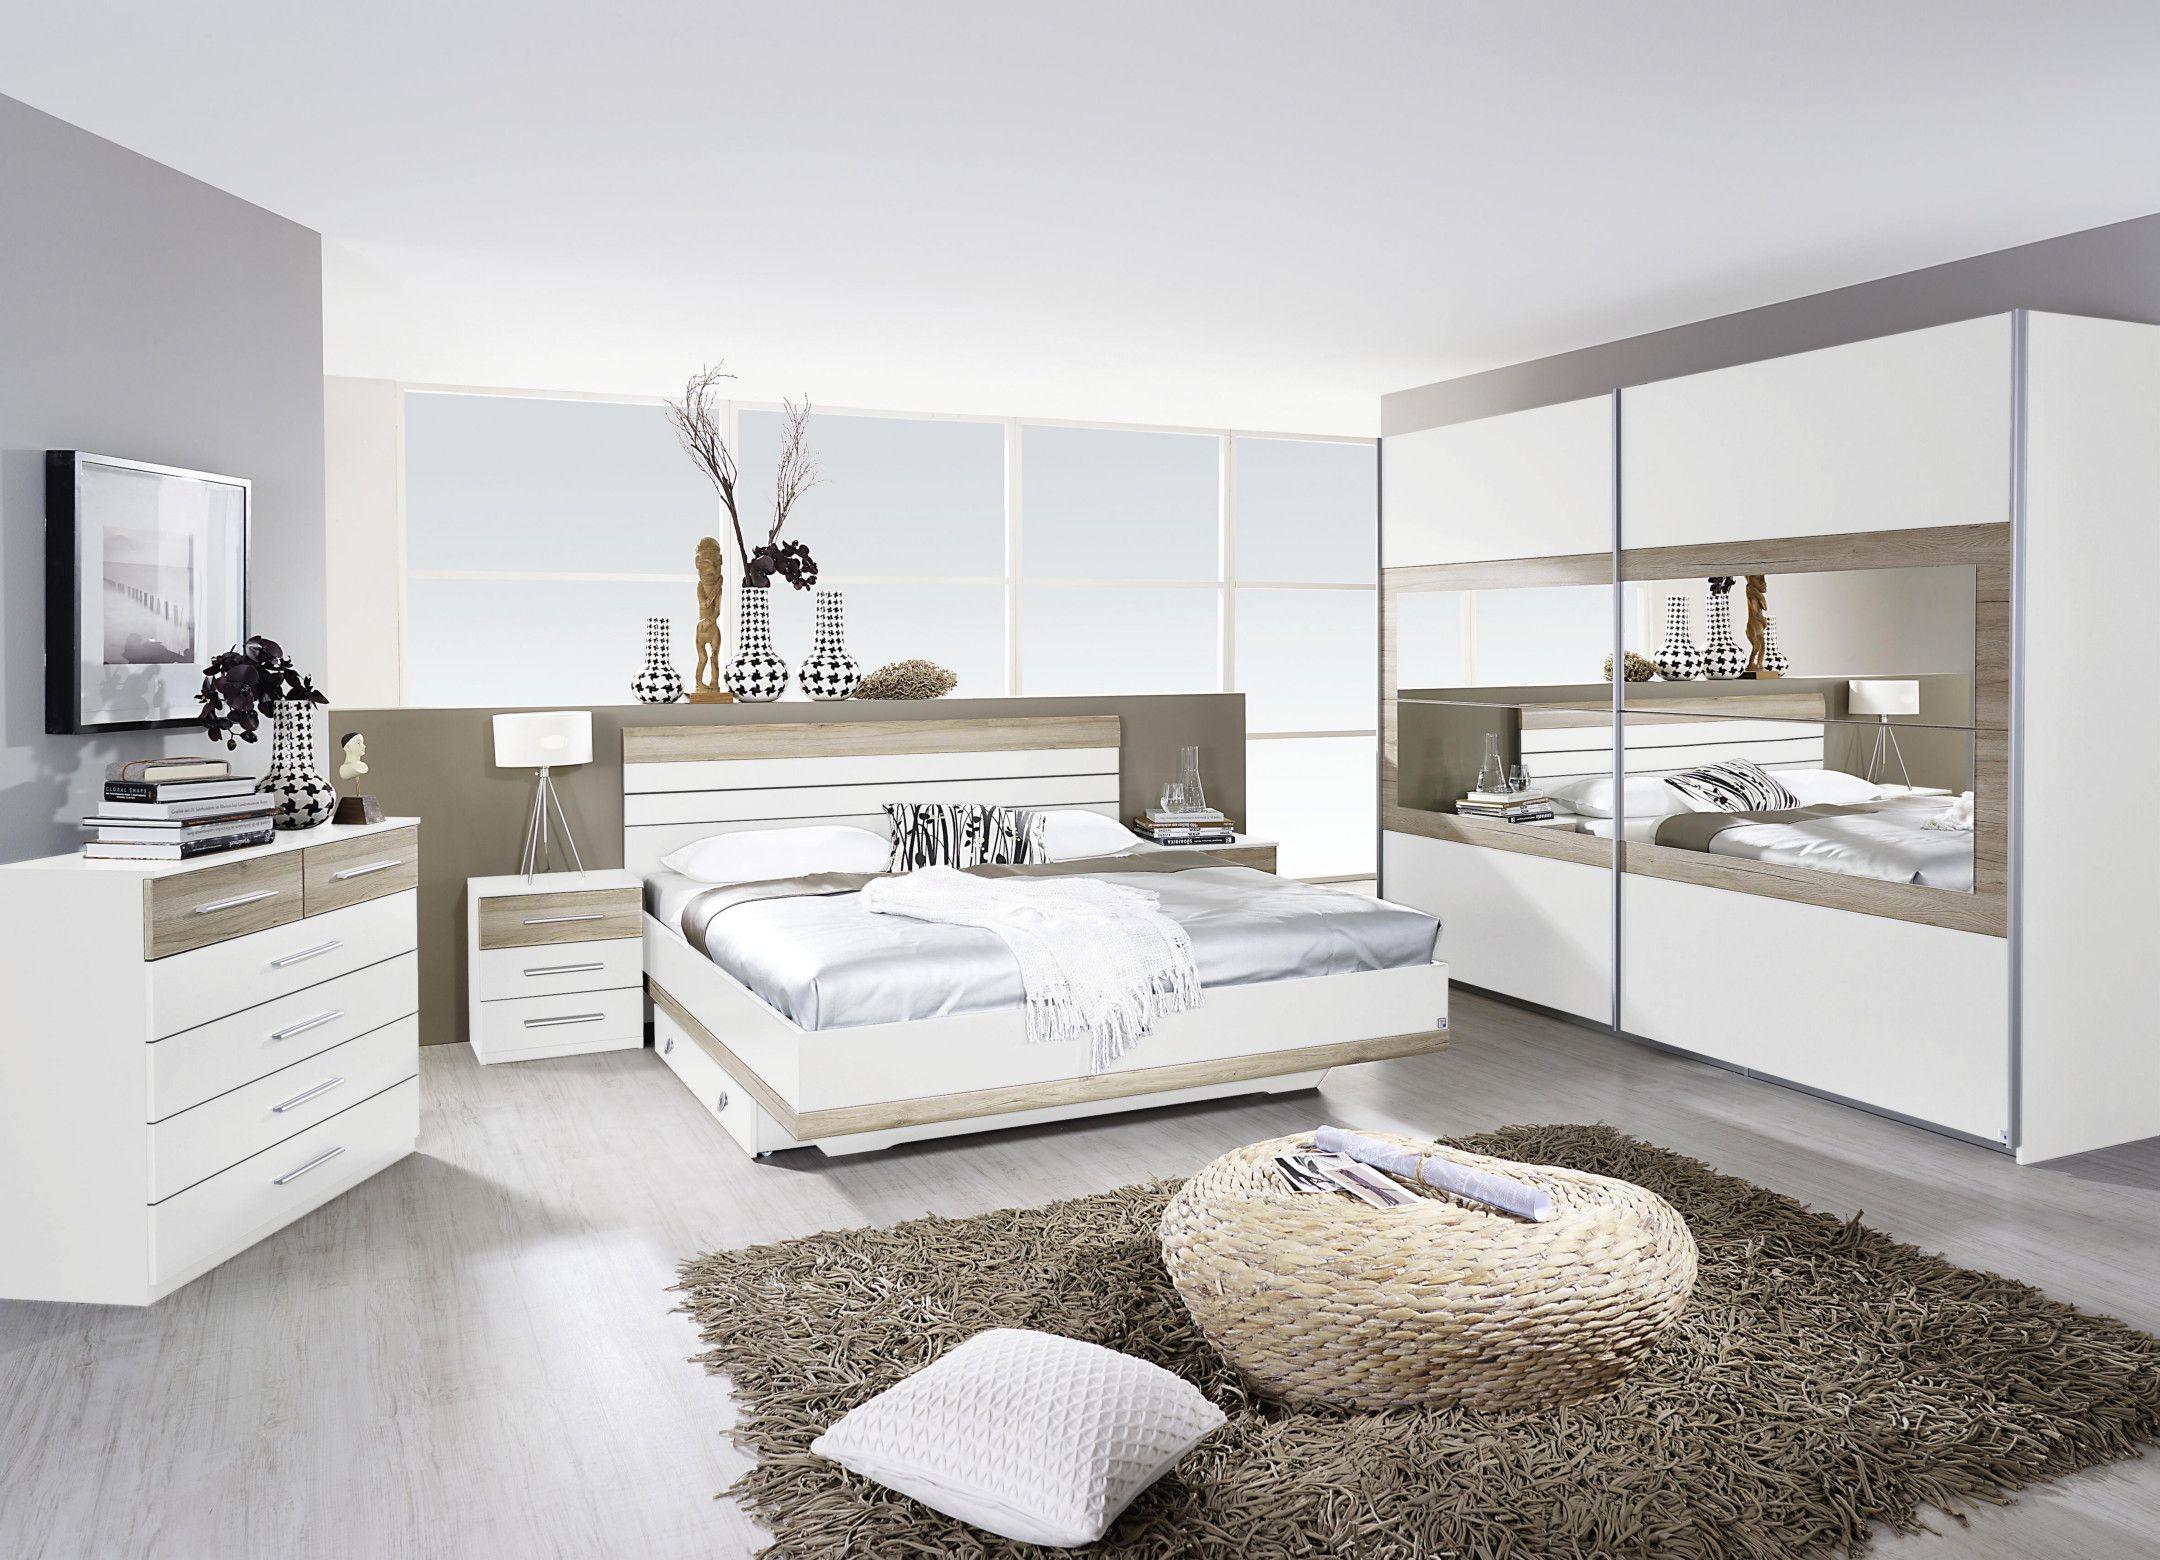 Schlafzimmer Mit Bett 180 X 200 Cm Alpinweiss/ Eiche Sanremo Hell ...